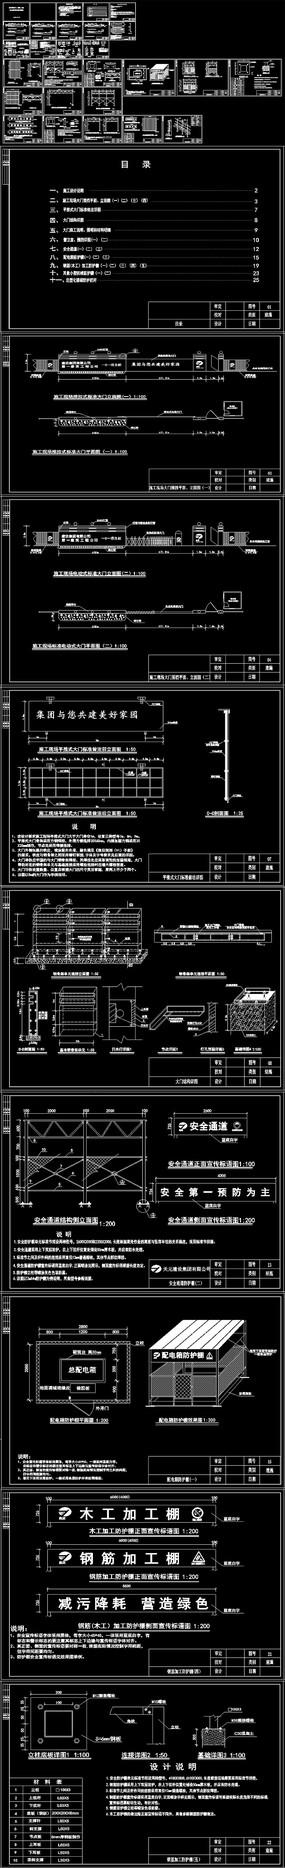 施工现场大门围挡安全防护棚等标准制作图解 CAD